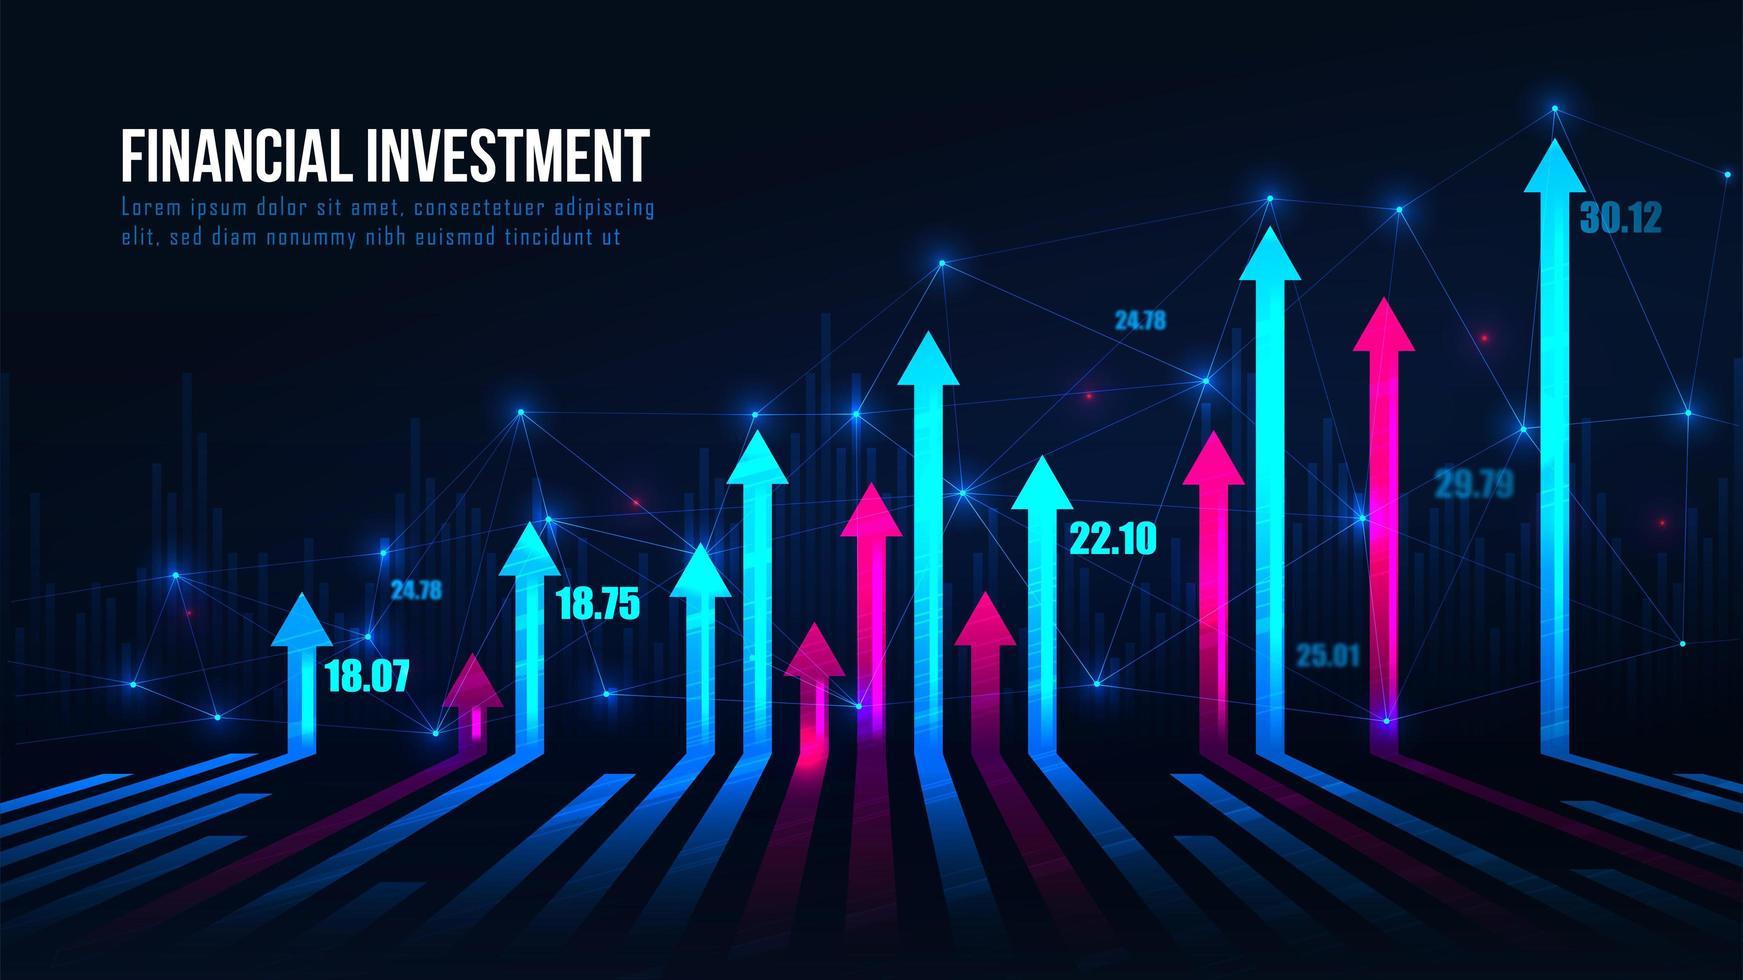 Aktienhandelsdiagramm Pfeile im Aufwärtstrend vektor